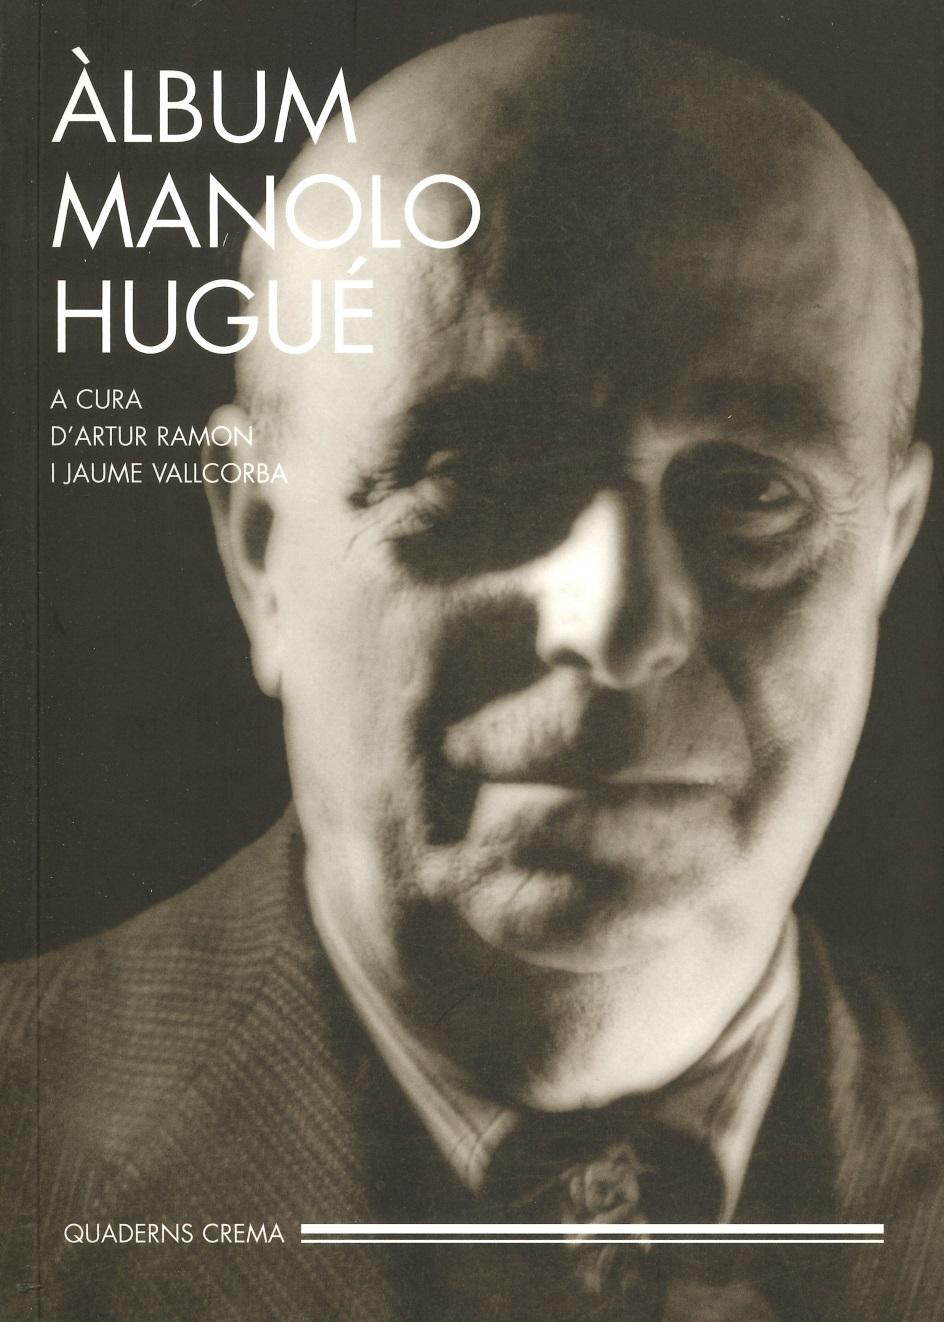 album_manolo_hugue.jpg